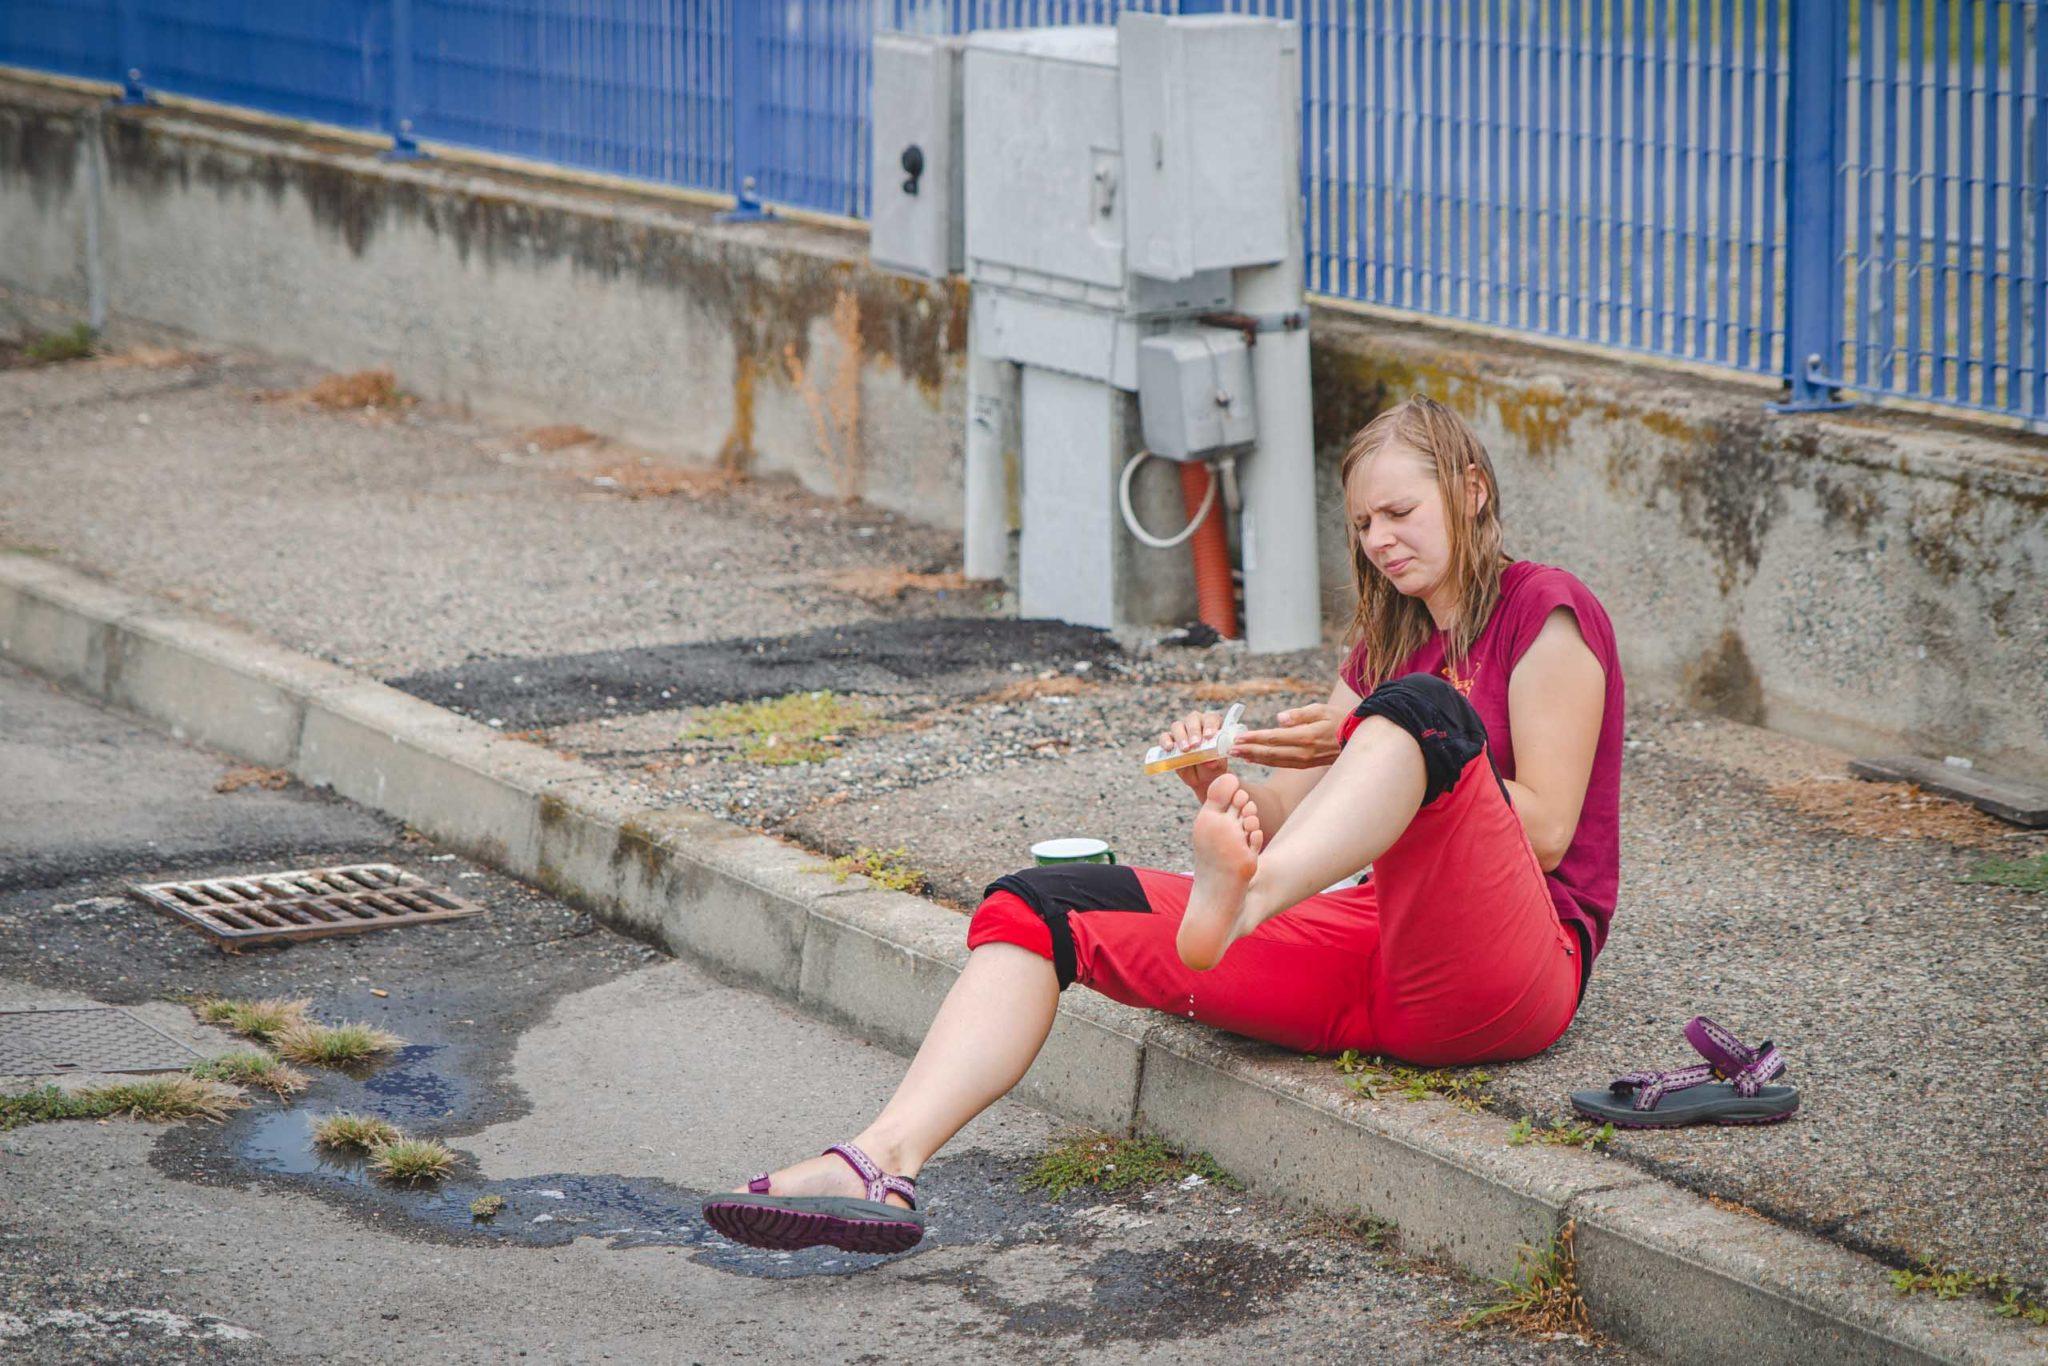 Kobieta siedzi na krawężniku i myje nogi